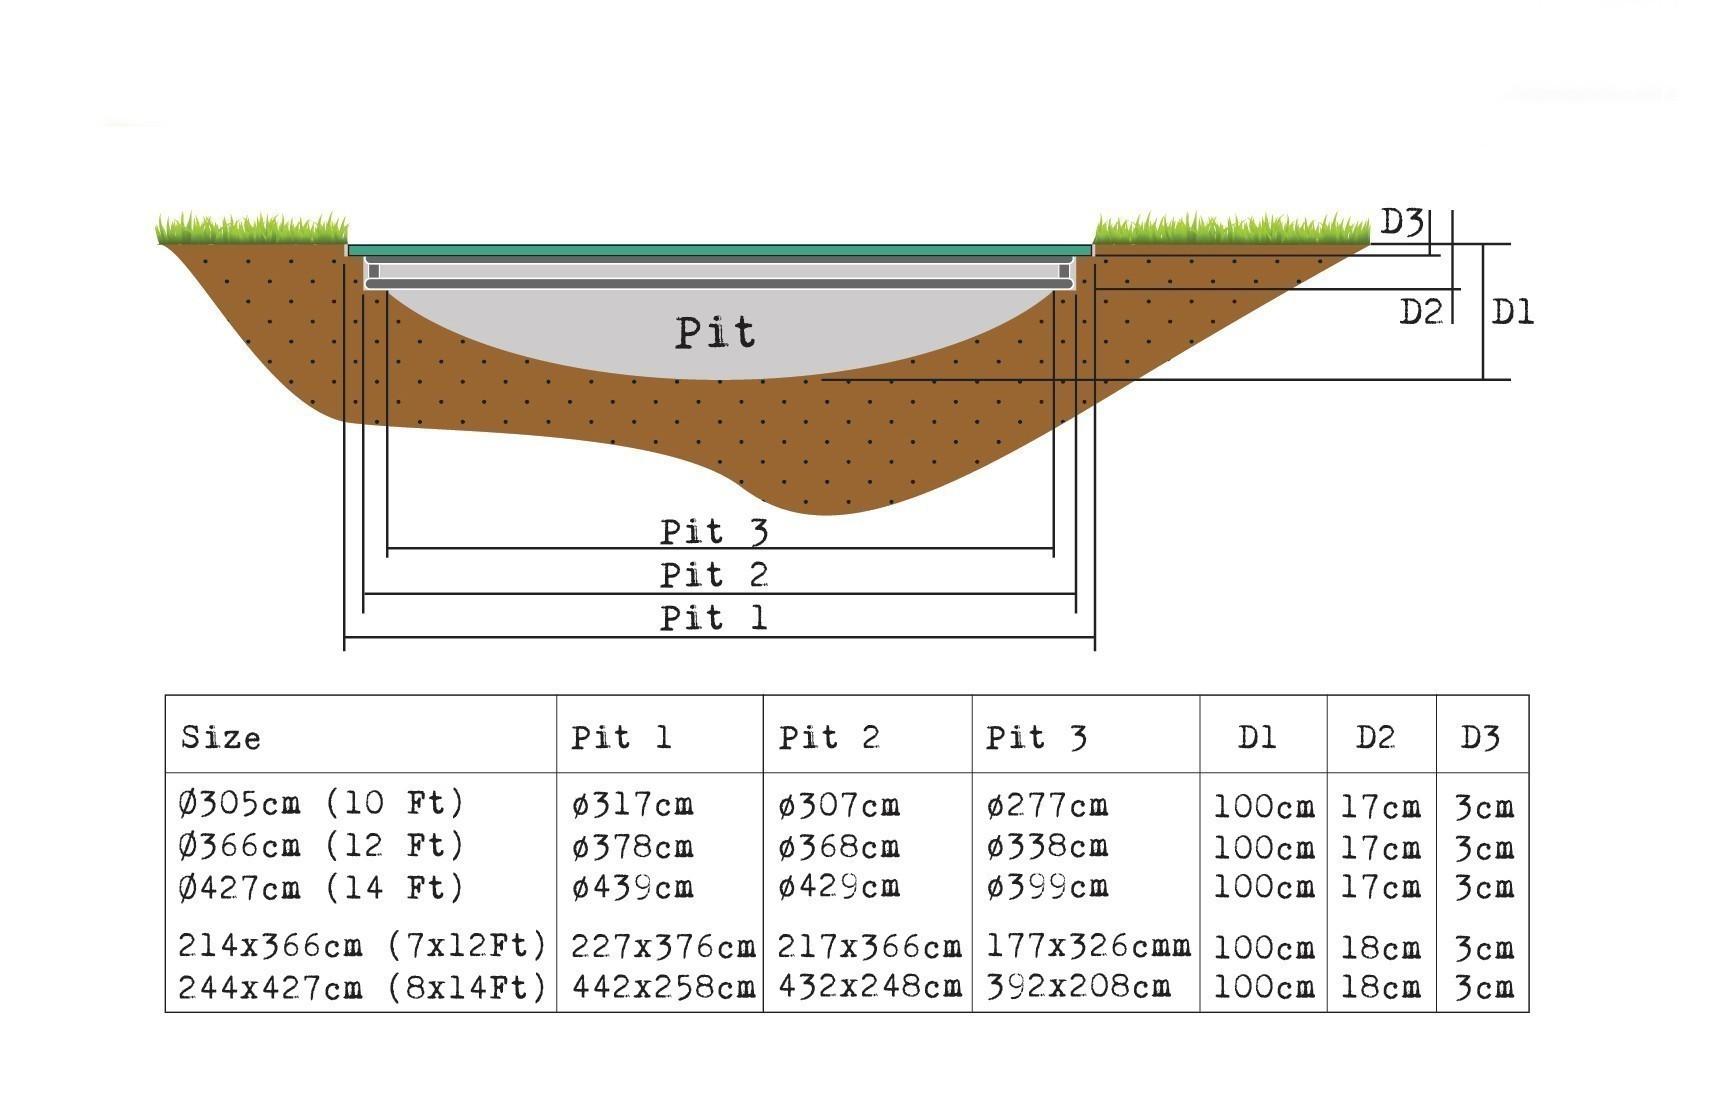 Trampolin EXIT Supreme Ground Level rechteckig 244x427cm grün Bild 4